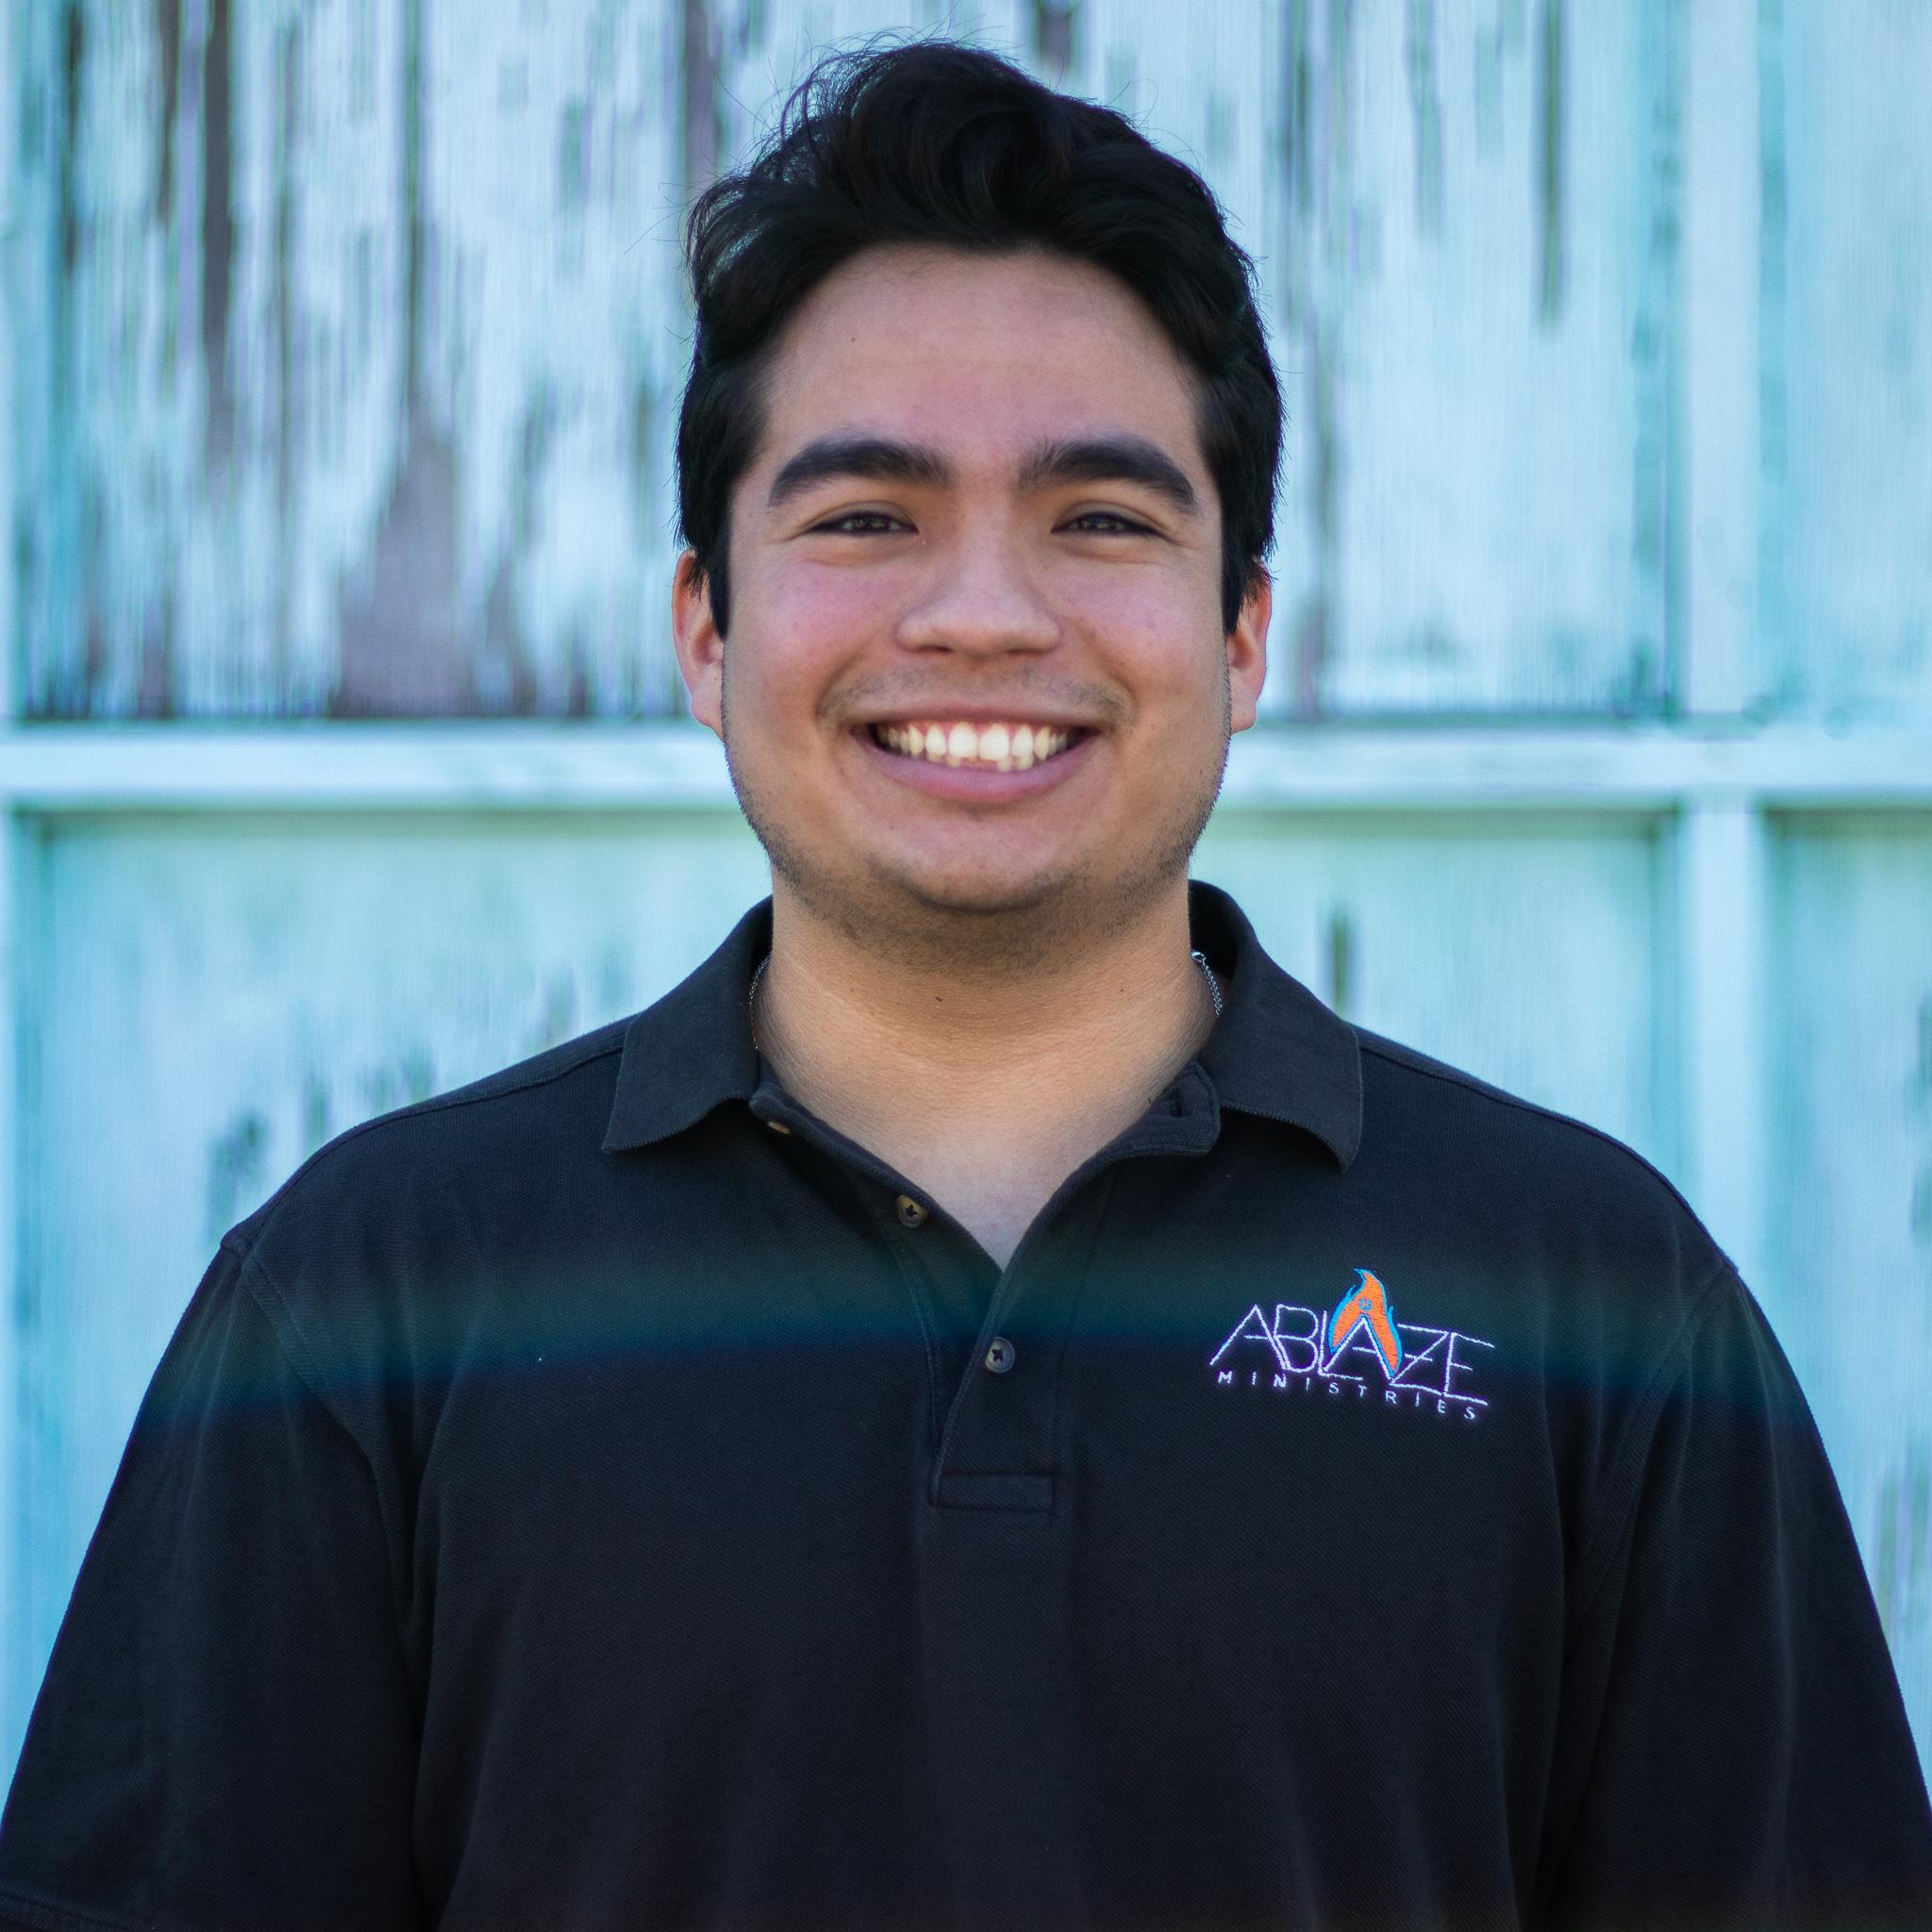 Seth Castillo, ablaze intern